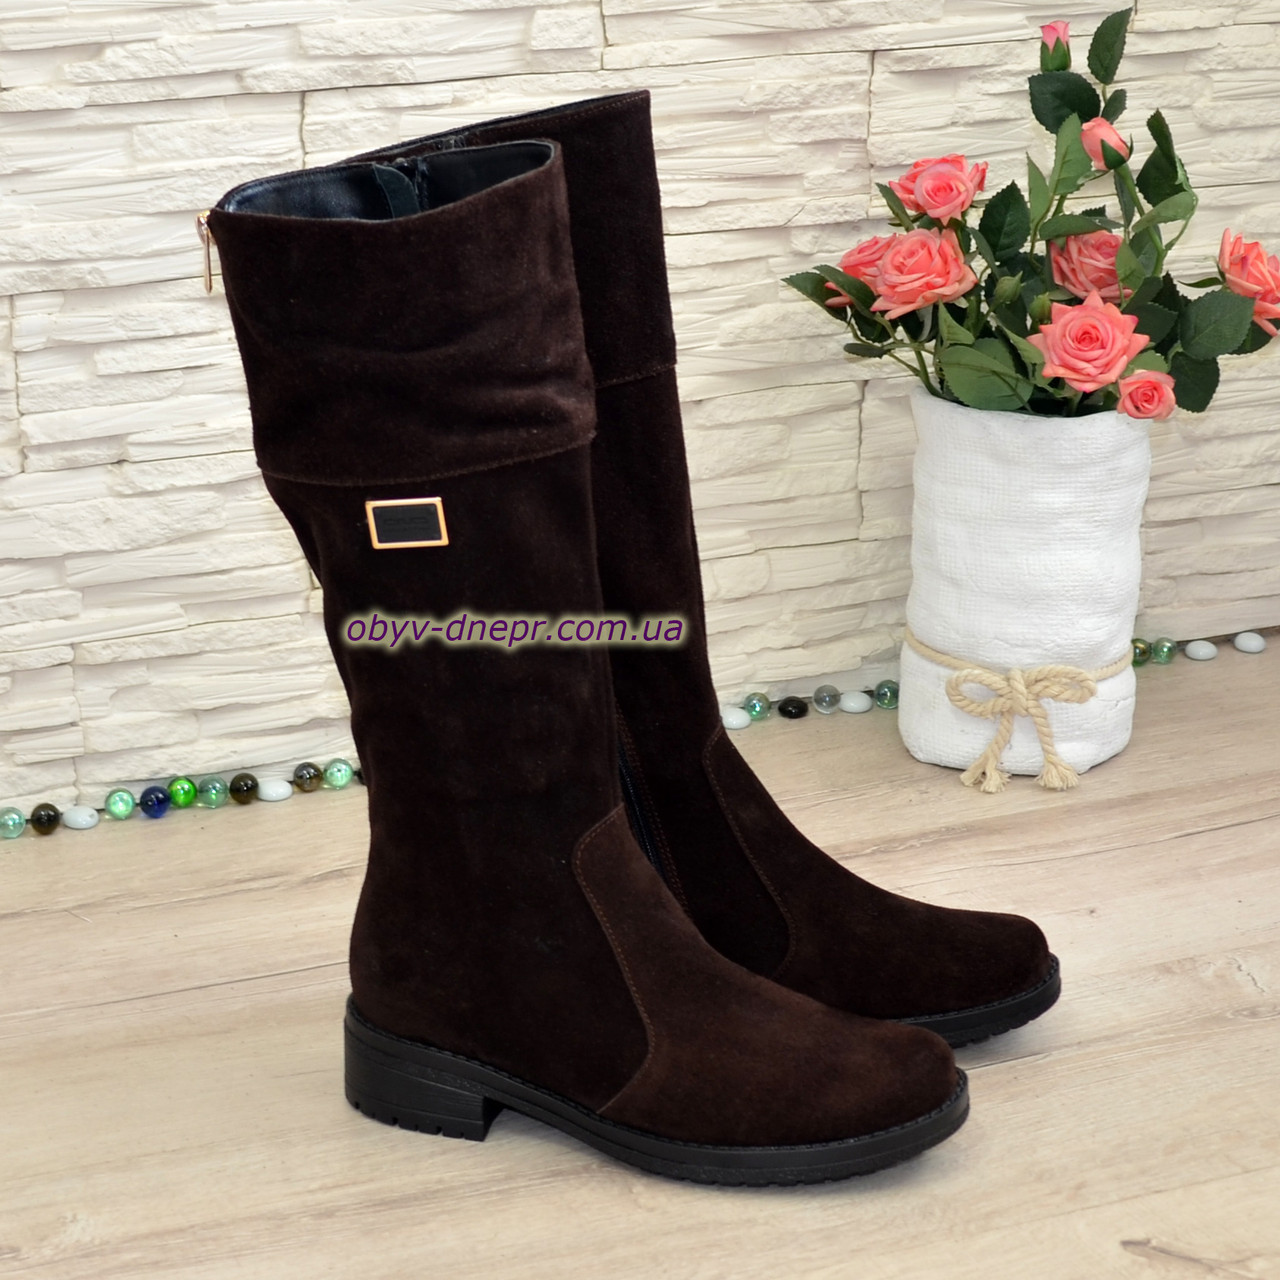 Сапоги коричневые замшевые женские демисезонные на невысоком каблуке